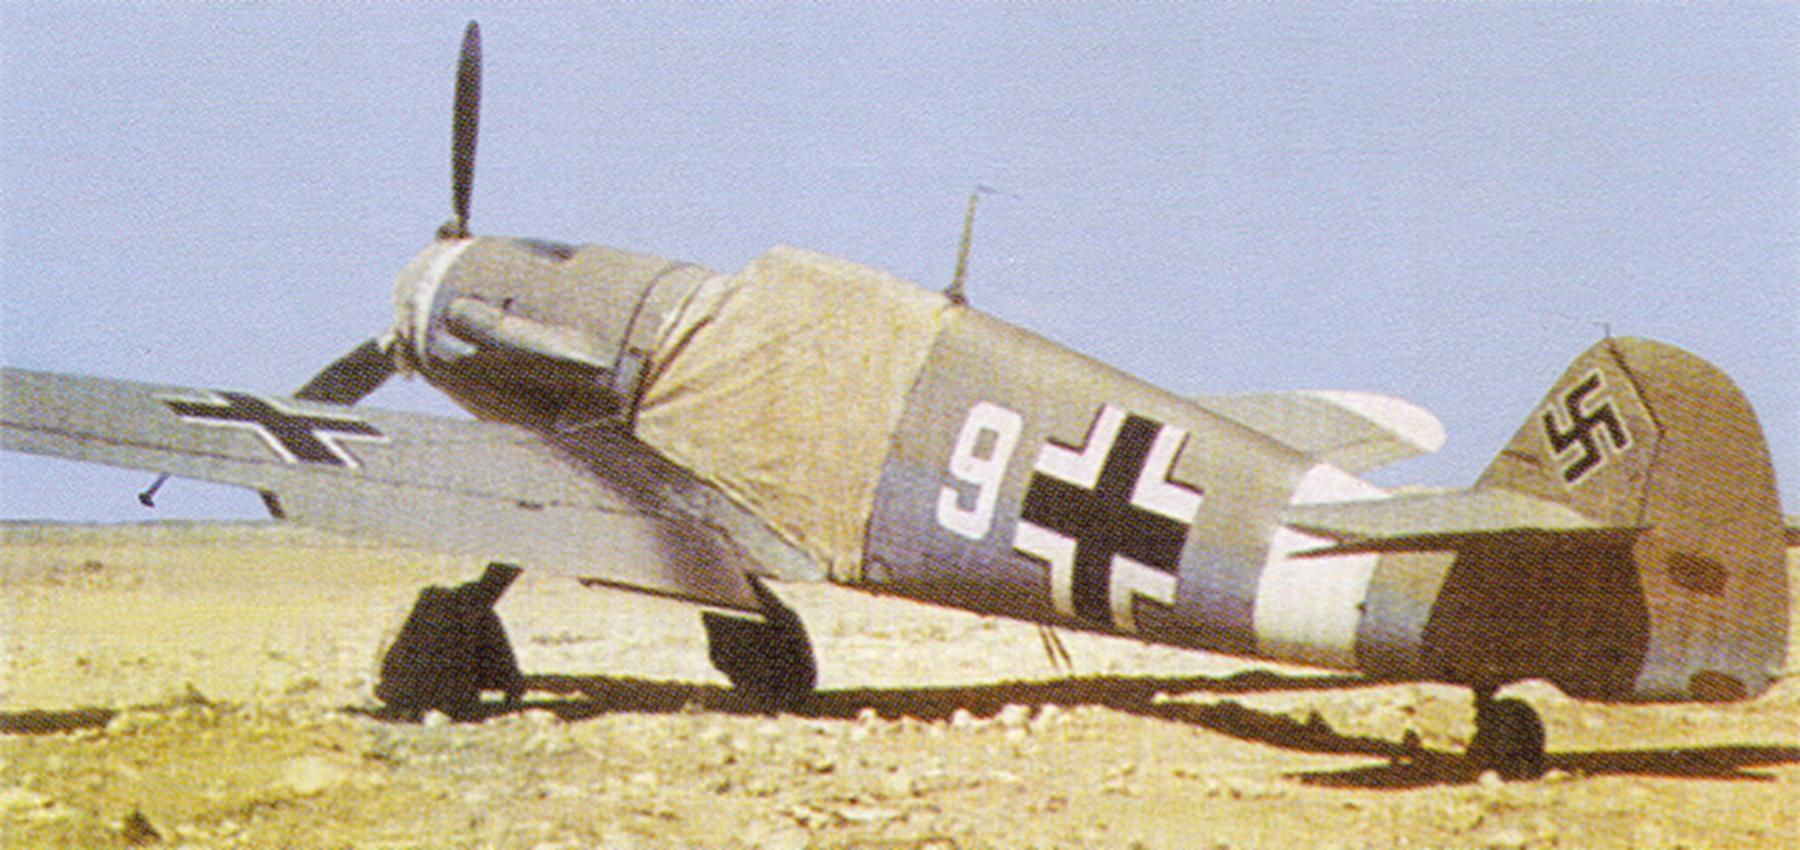 Messerschmitt Bf 109F4Trop 1.JG27 White 9 North Africa Feb 1942 01